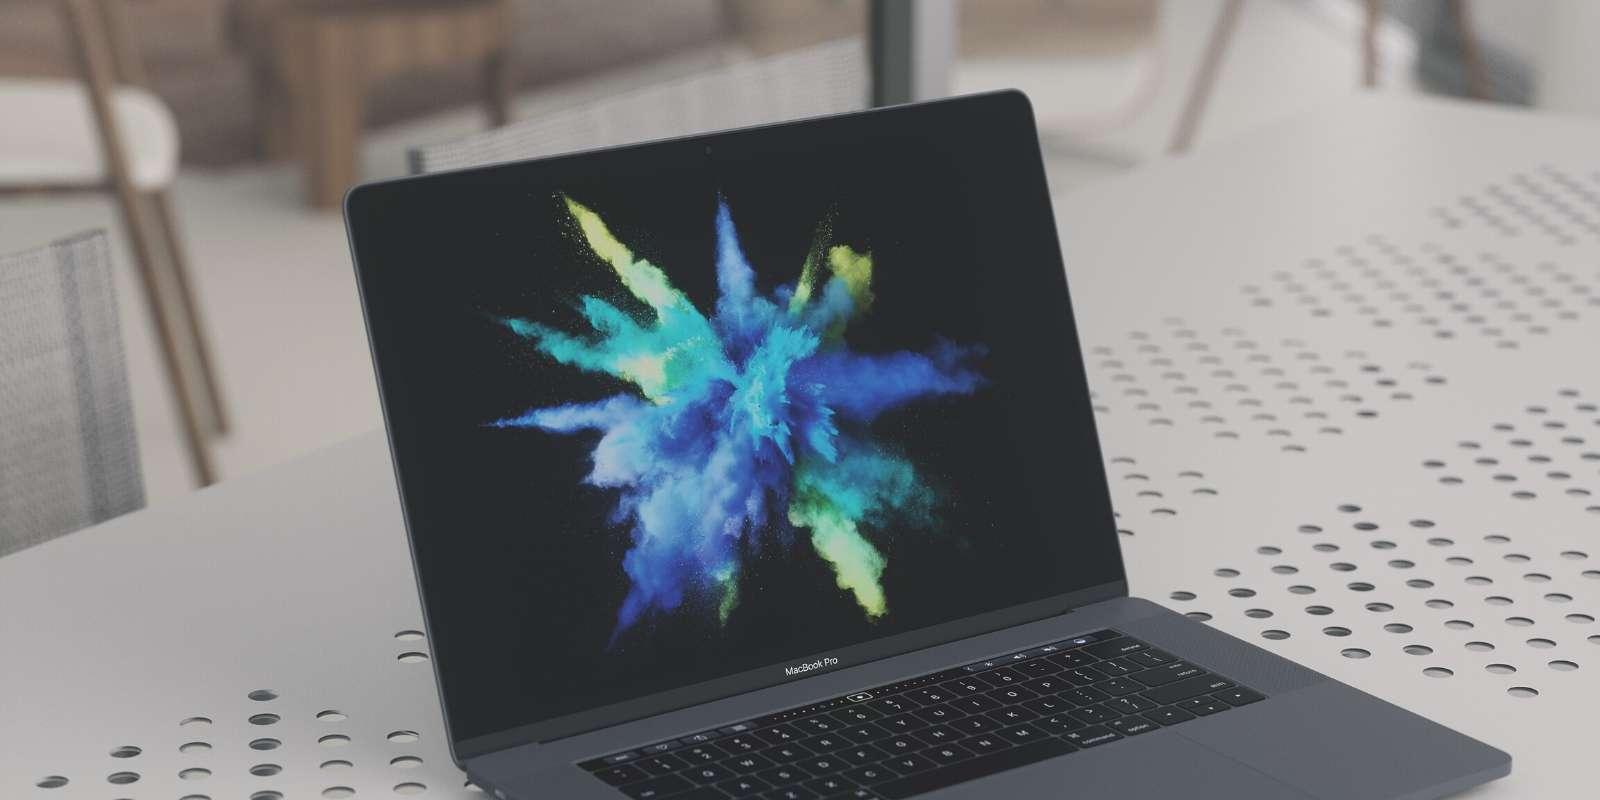 La Macbook Pro d'Apple est actuellement en promotion chez Amazon, avec 13 % de réduction sur le prix initial. © Unsplash